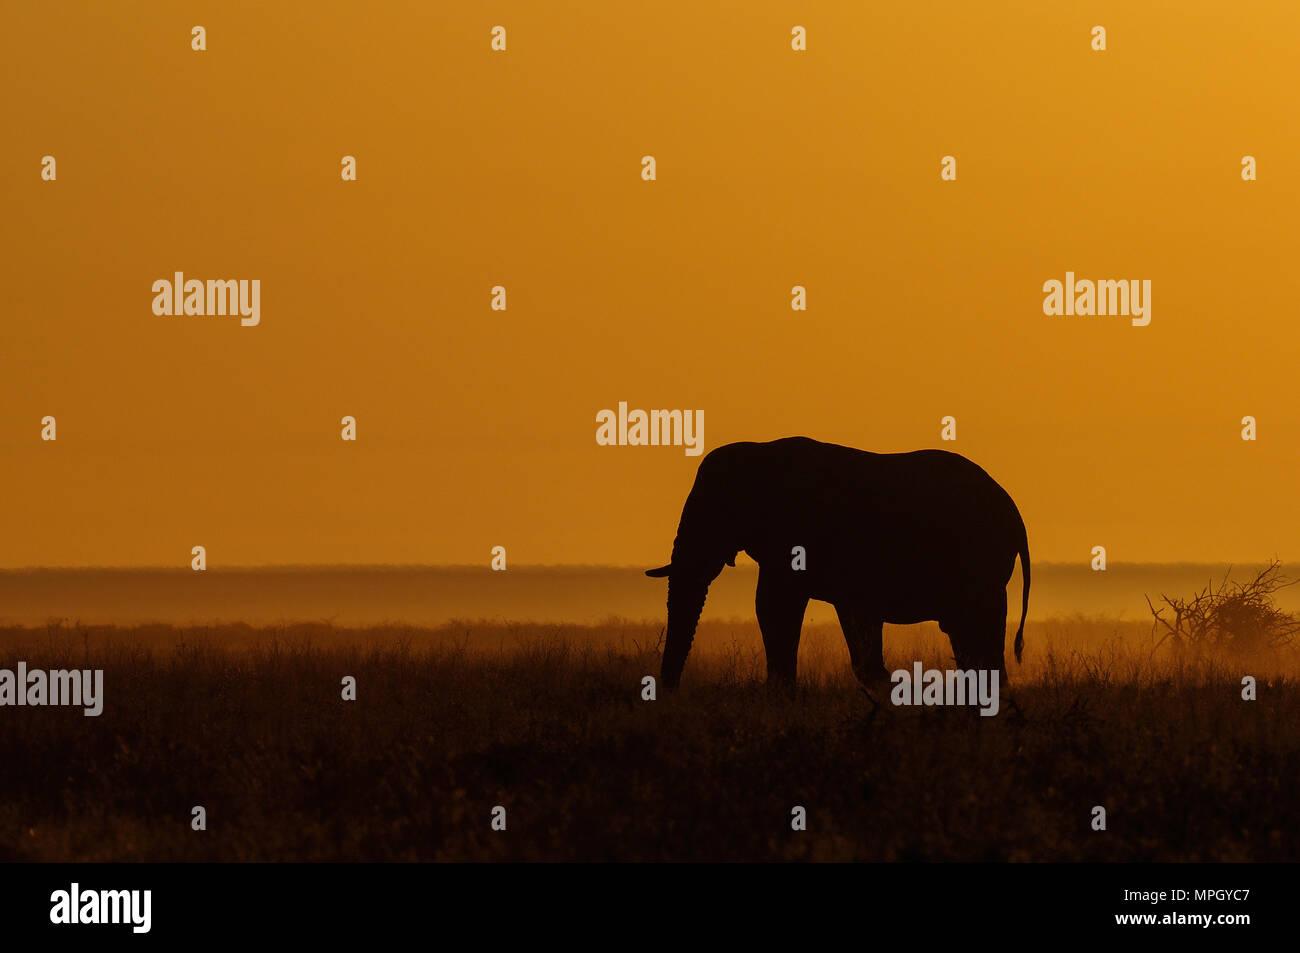 Elephant in a grassland with sunrise, etosha nationalpark, namibia, (loxodonta africana) - Stock Image